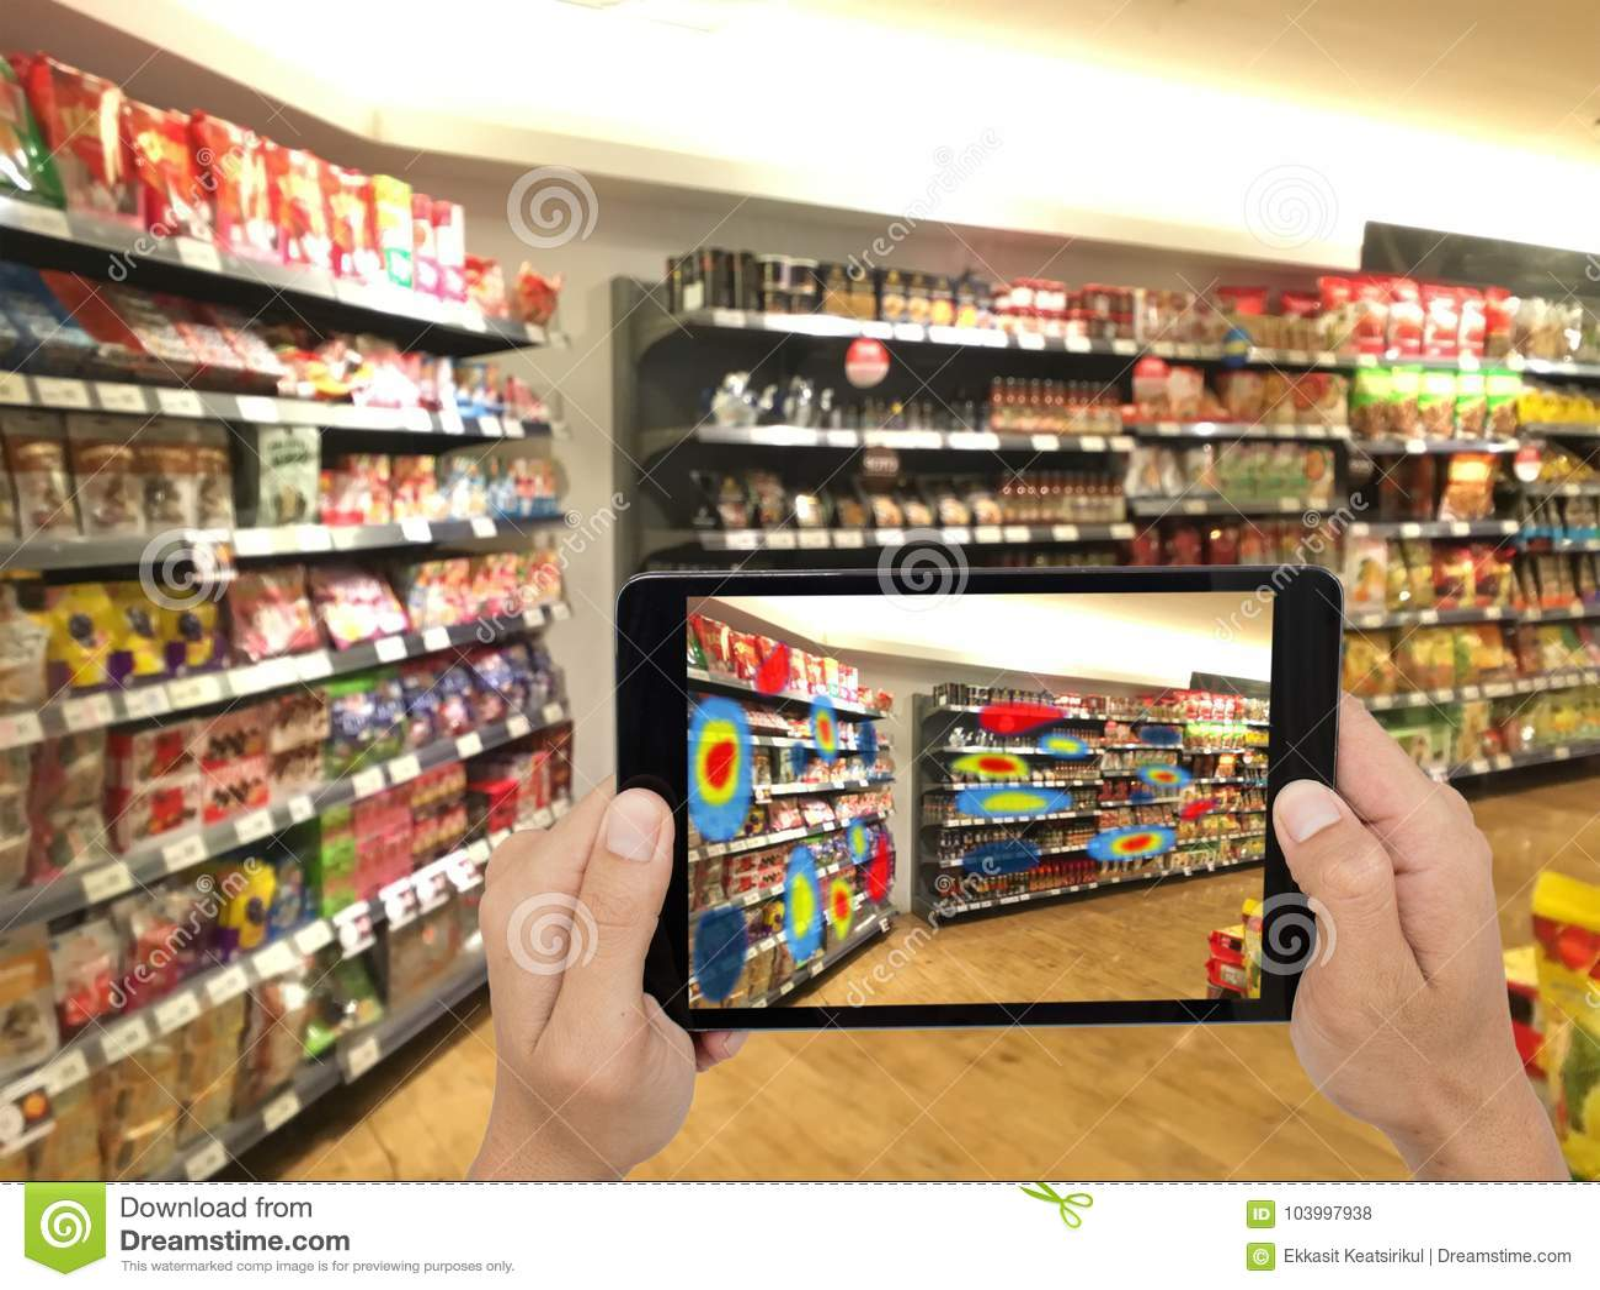 Концепция увеличенная и виртуальная реальность технологии футуристическая, вымачивает